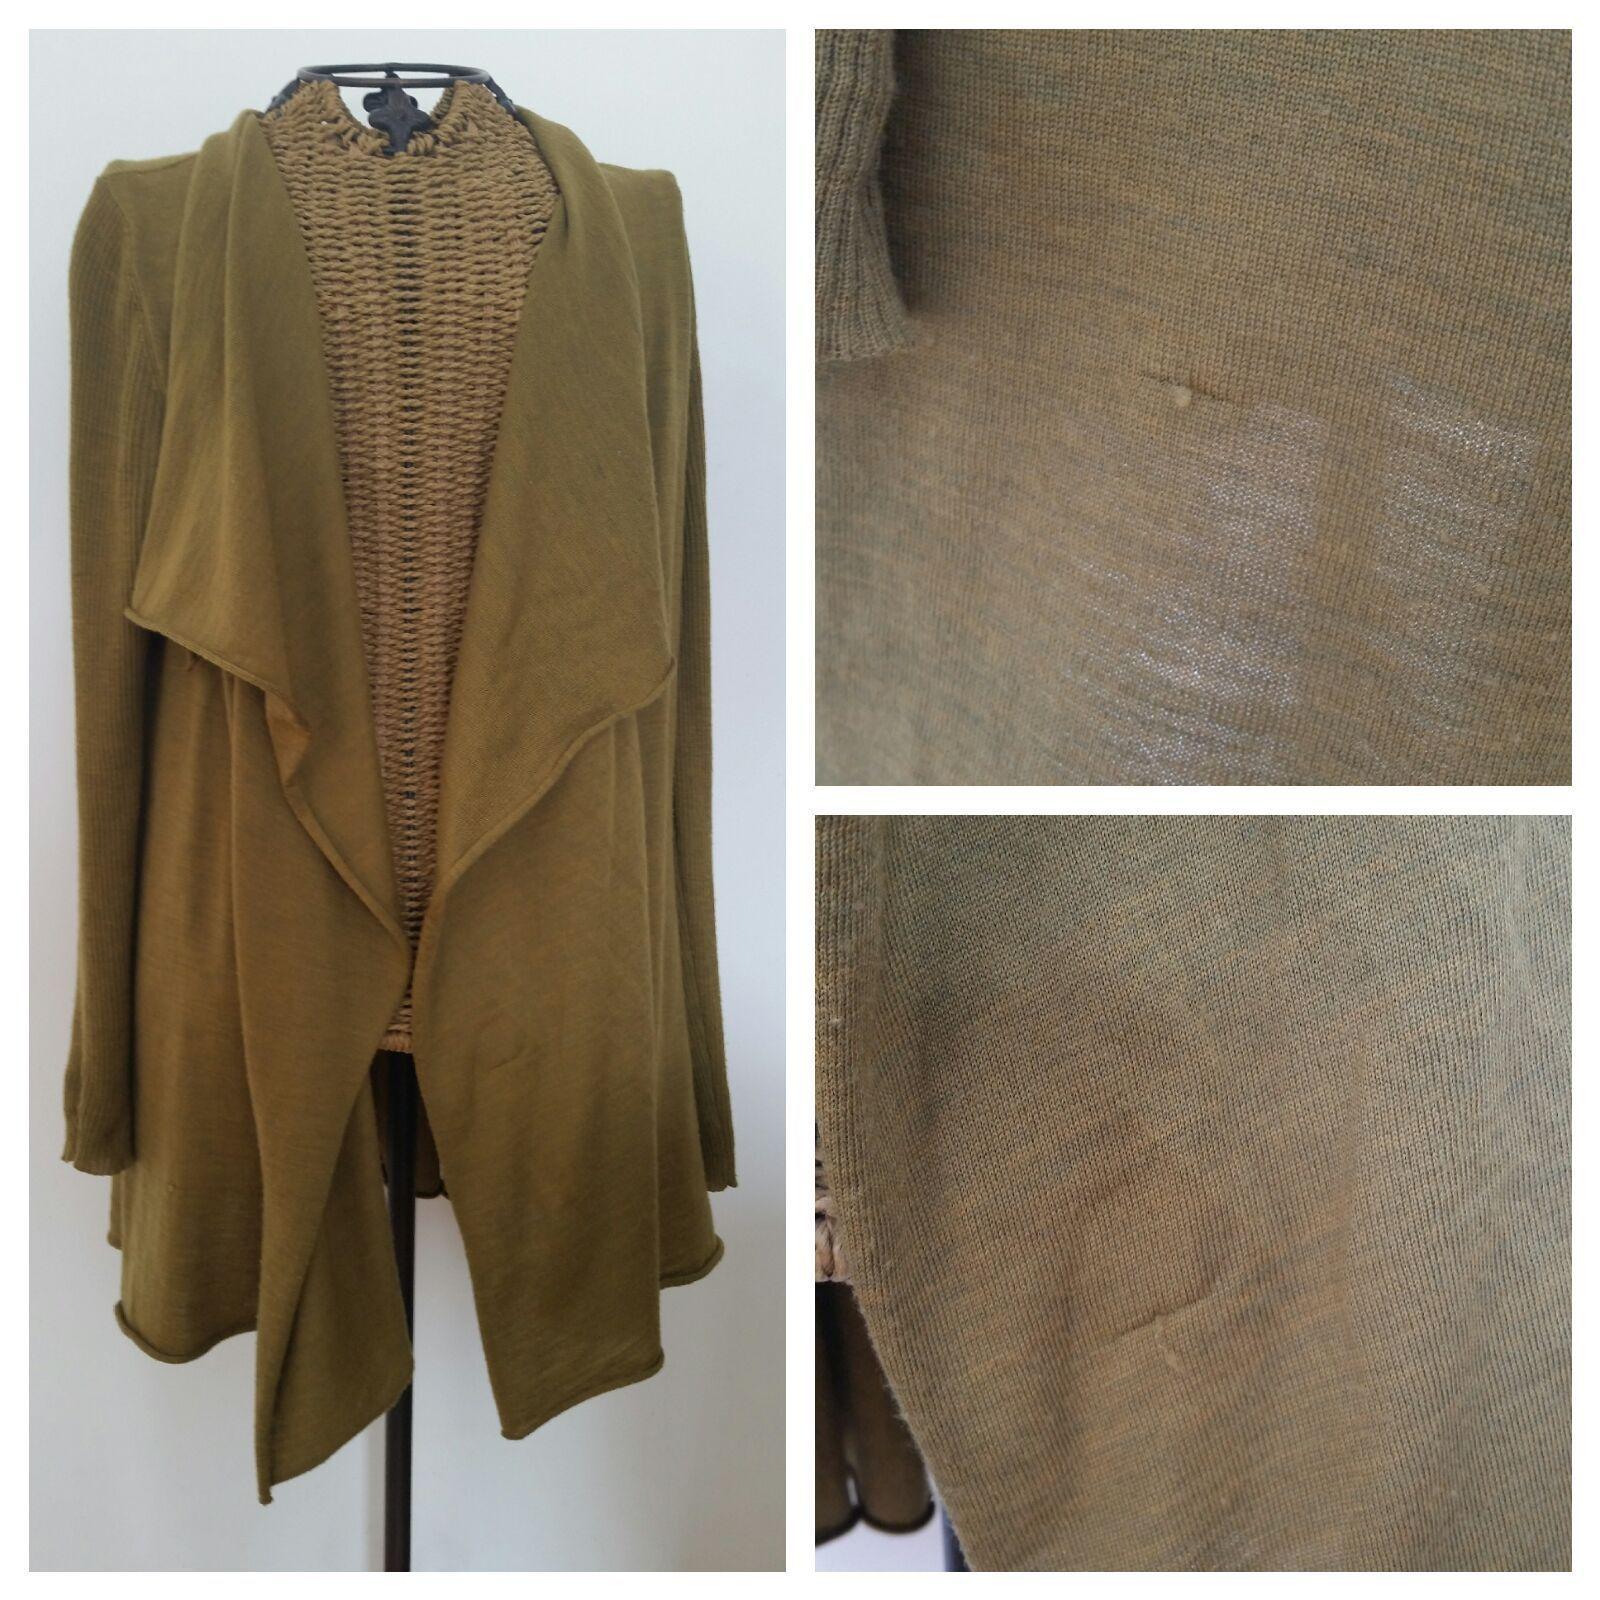 Eileen Fisher waterfall cardigan sweater - Mercari: BUY & SELL ...